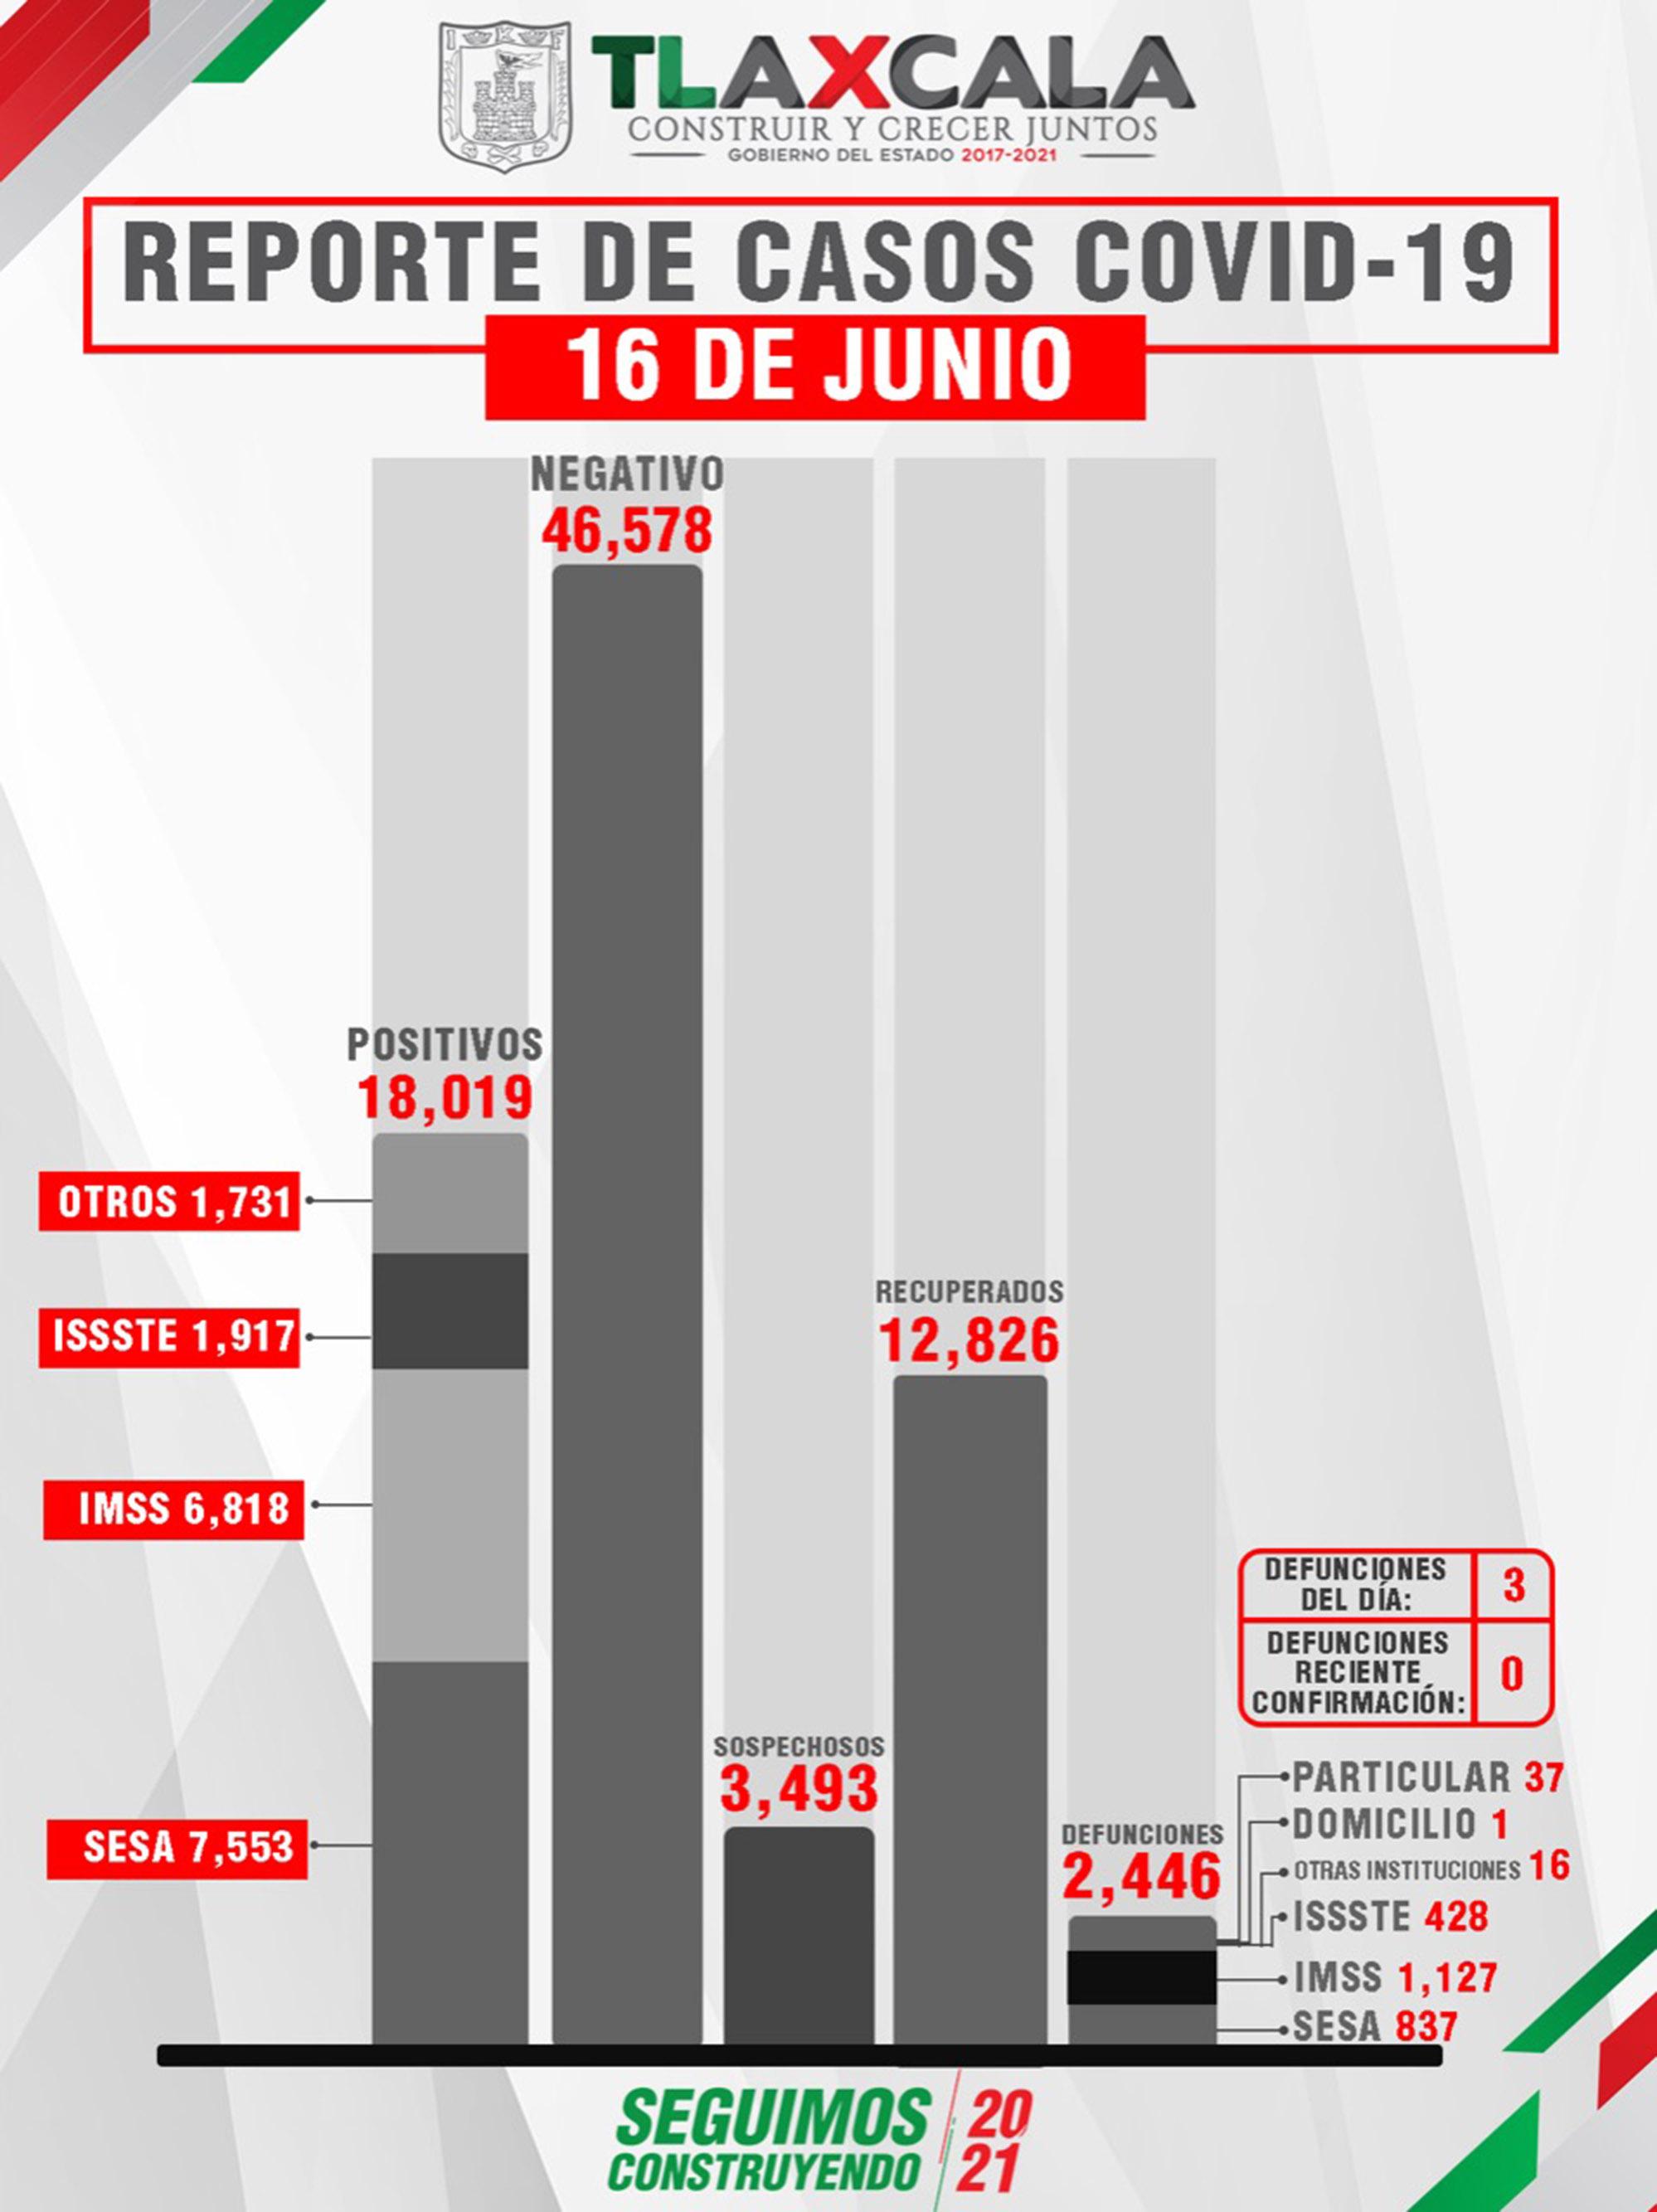 Tres personas mueren y aparecen 6 nuevos casos de Covid en Tlaxcala